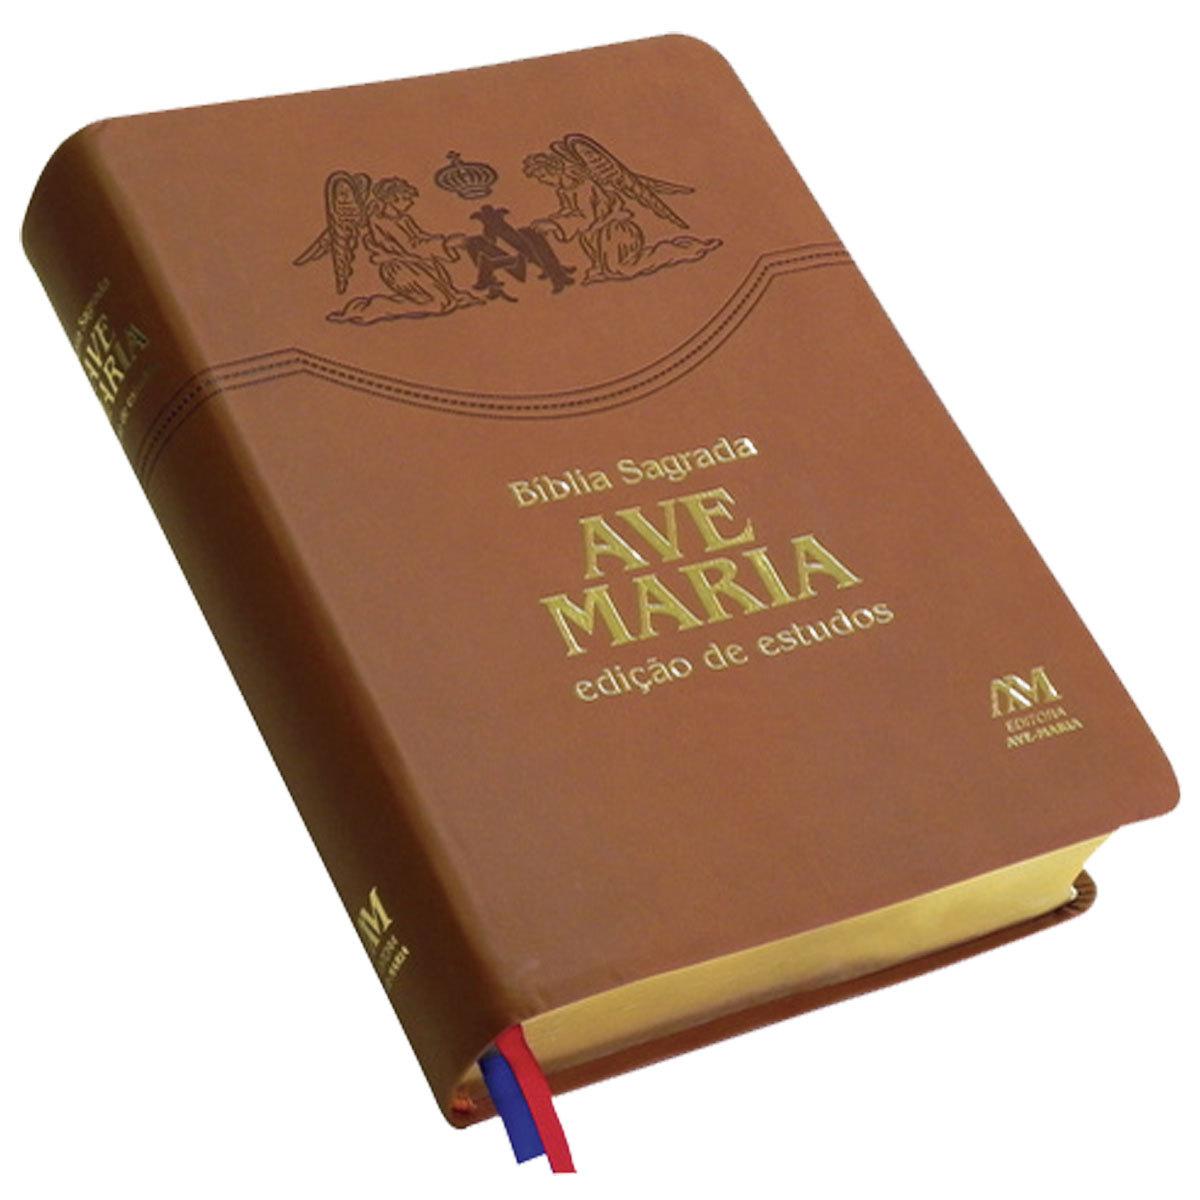 Bíblia Sagrada Ave Maria Edição Estudos  - VindVedShop - Distribuidora Catolica